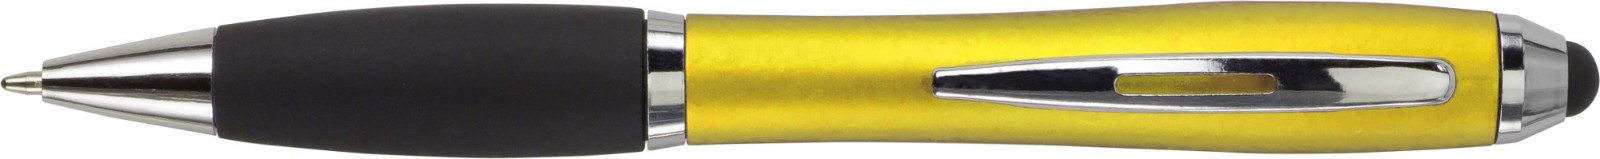 Bolígrafo de ABS - Yellow